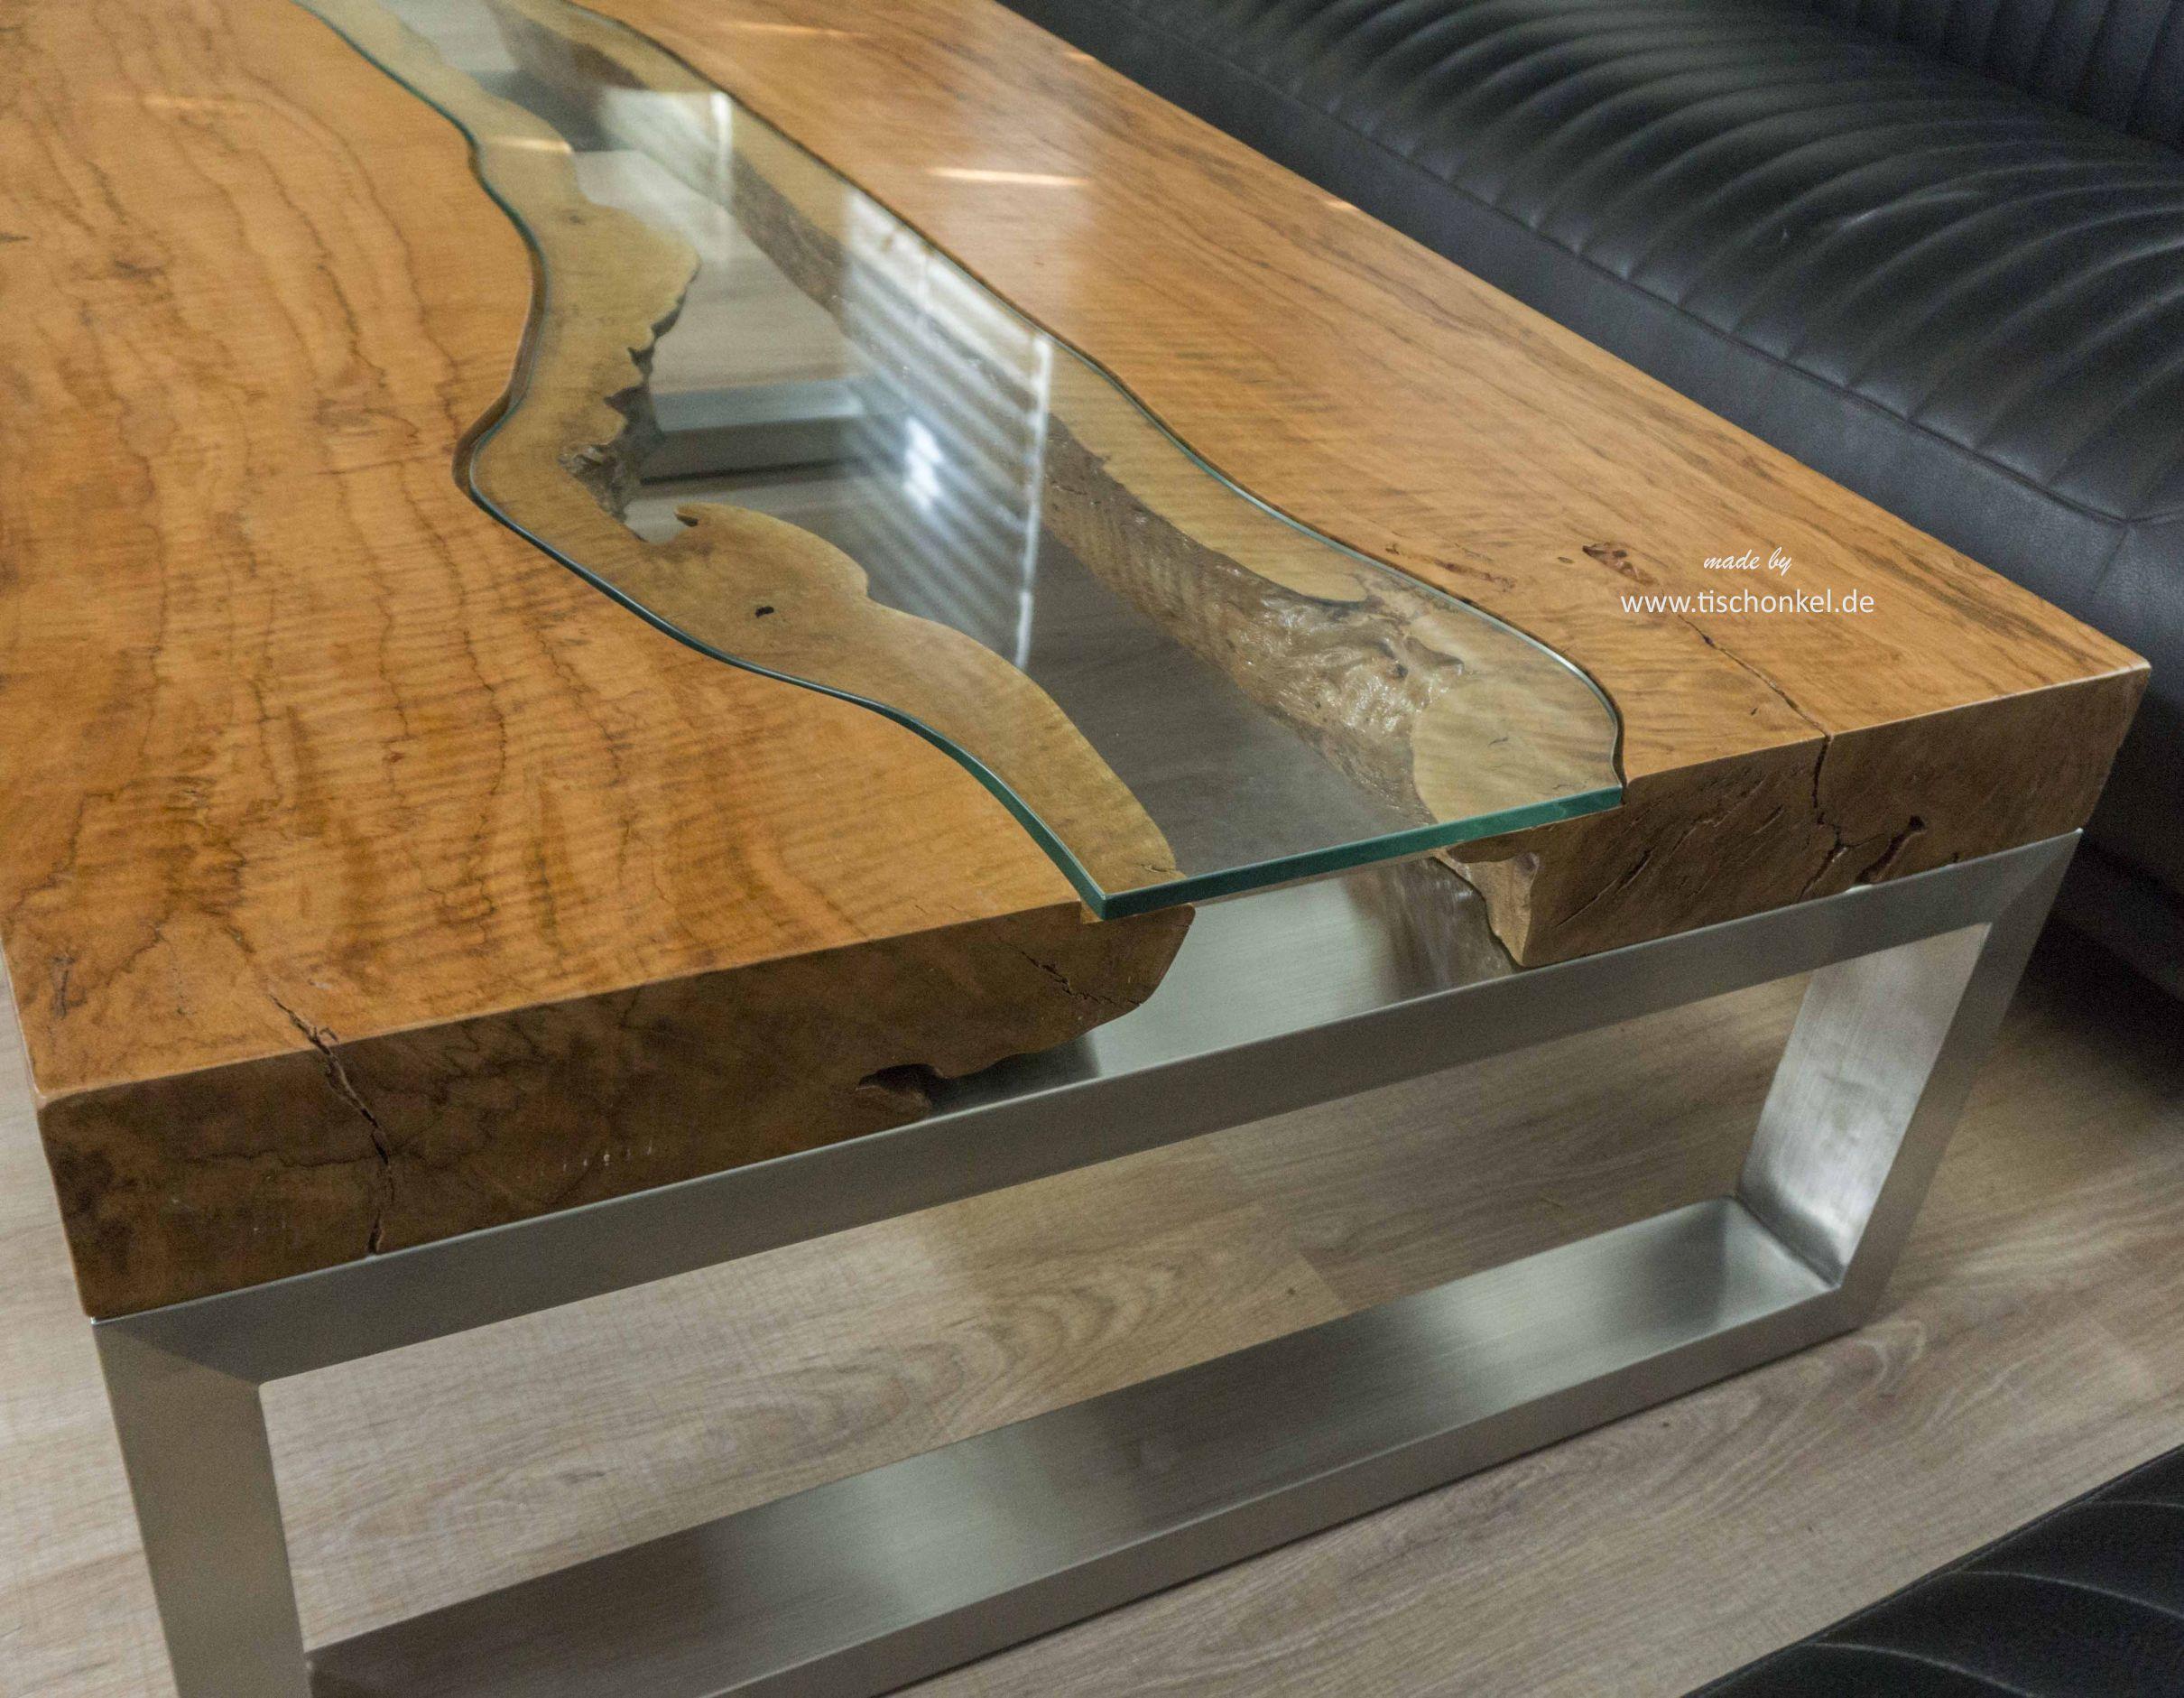 Eckiger Designer Wohnzimmertisch 120 X 80 Cm Aus Holz Der Tischonkel